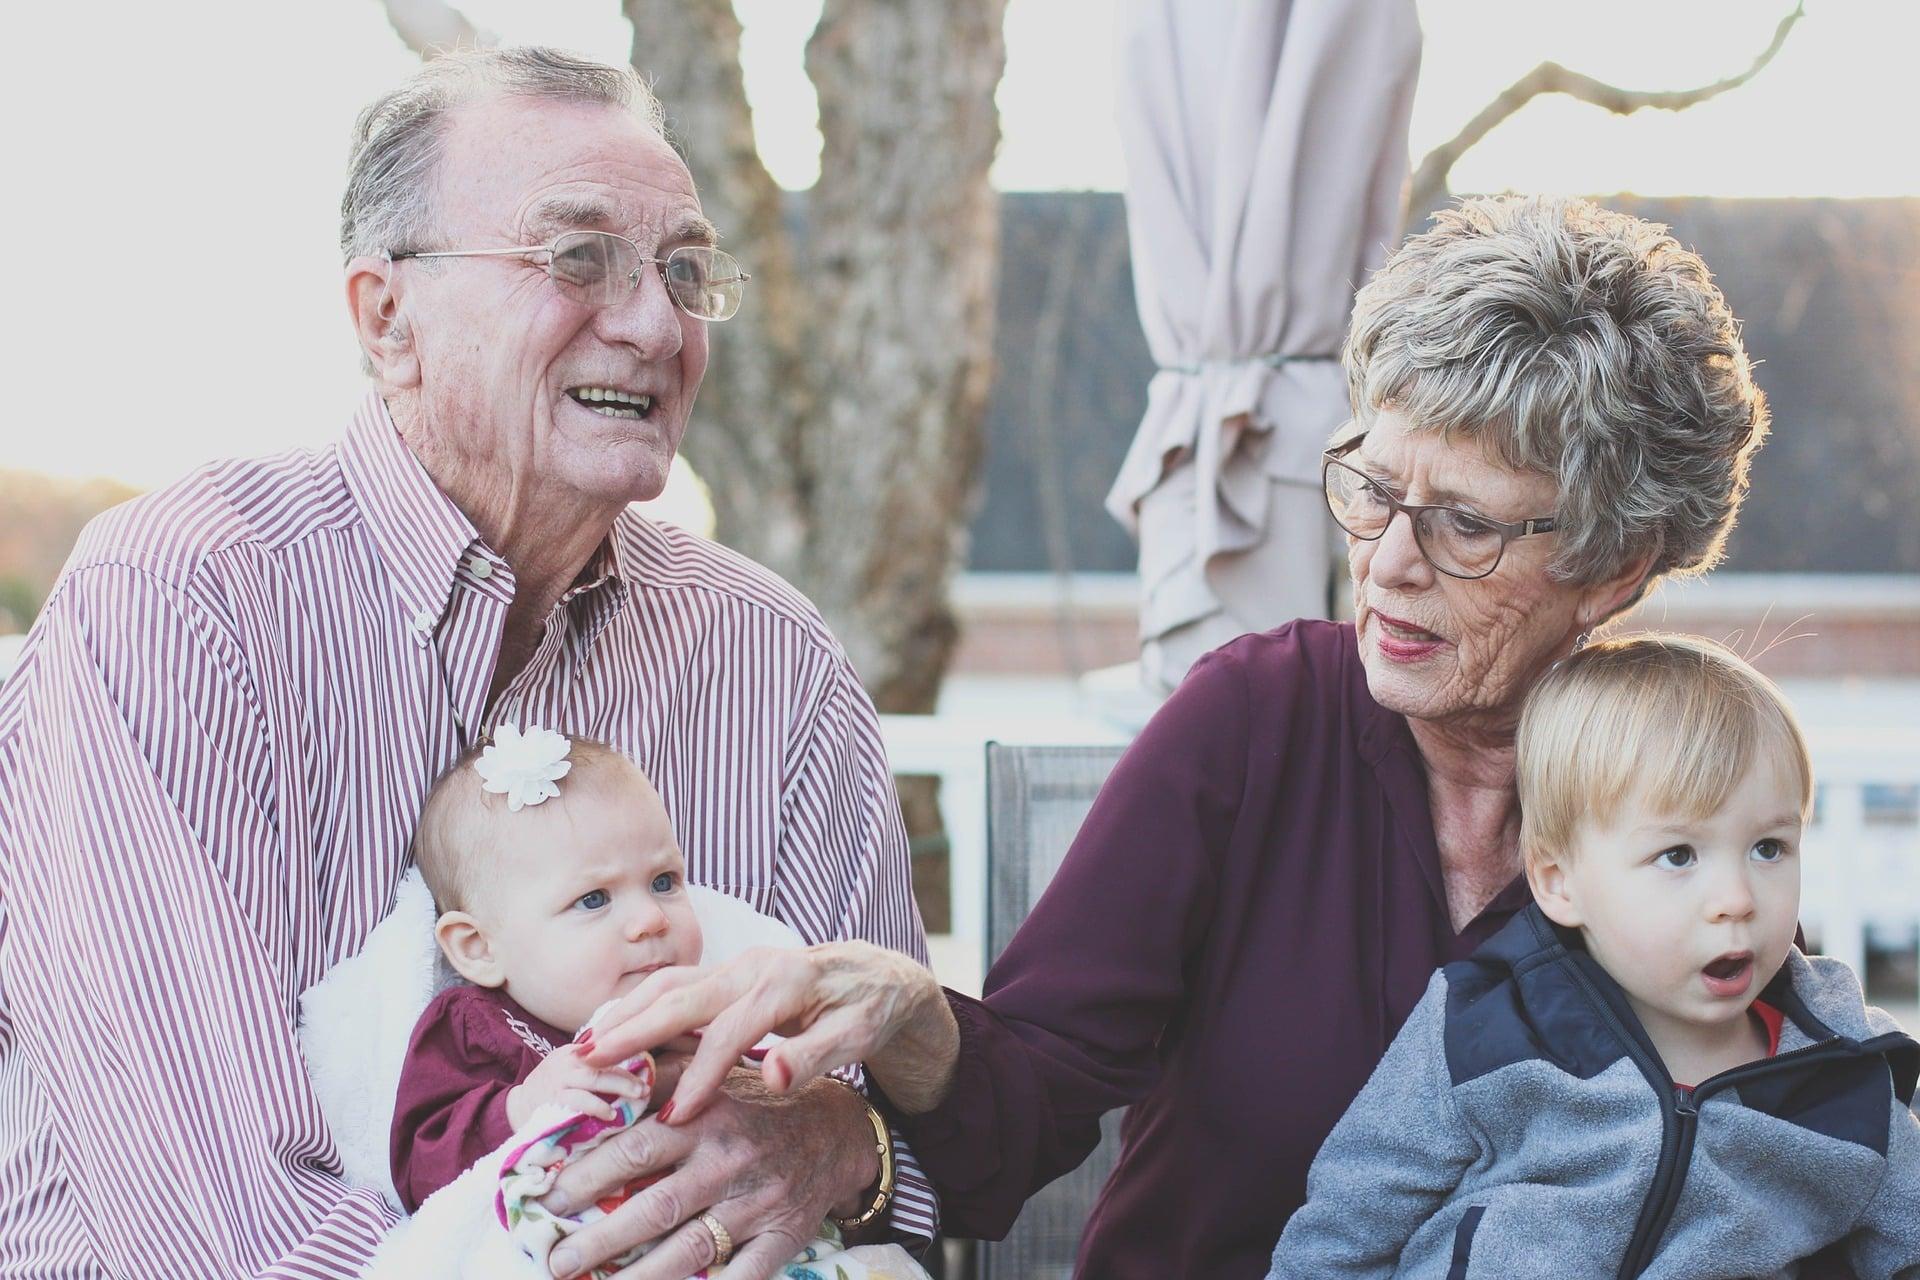 Citation S'occuper de leurs petits-enfants est bénéfique pour les grands-mères